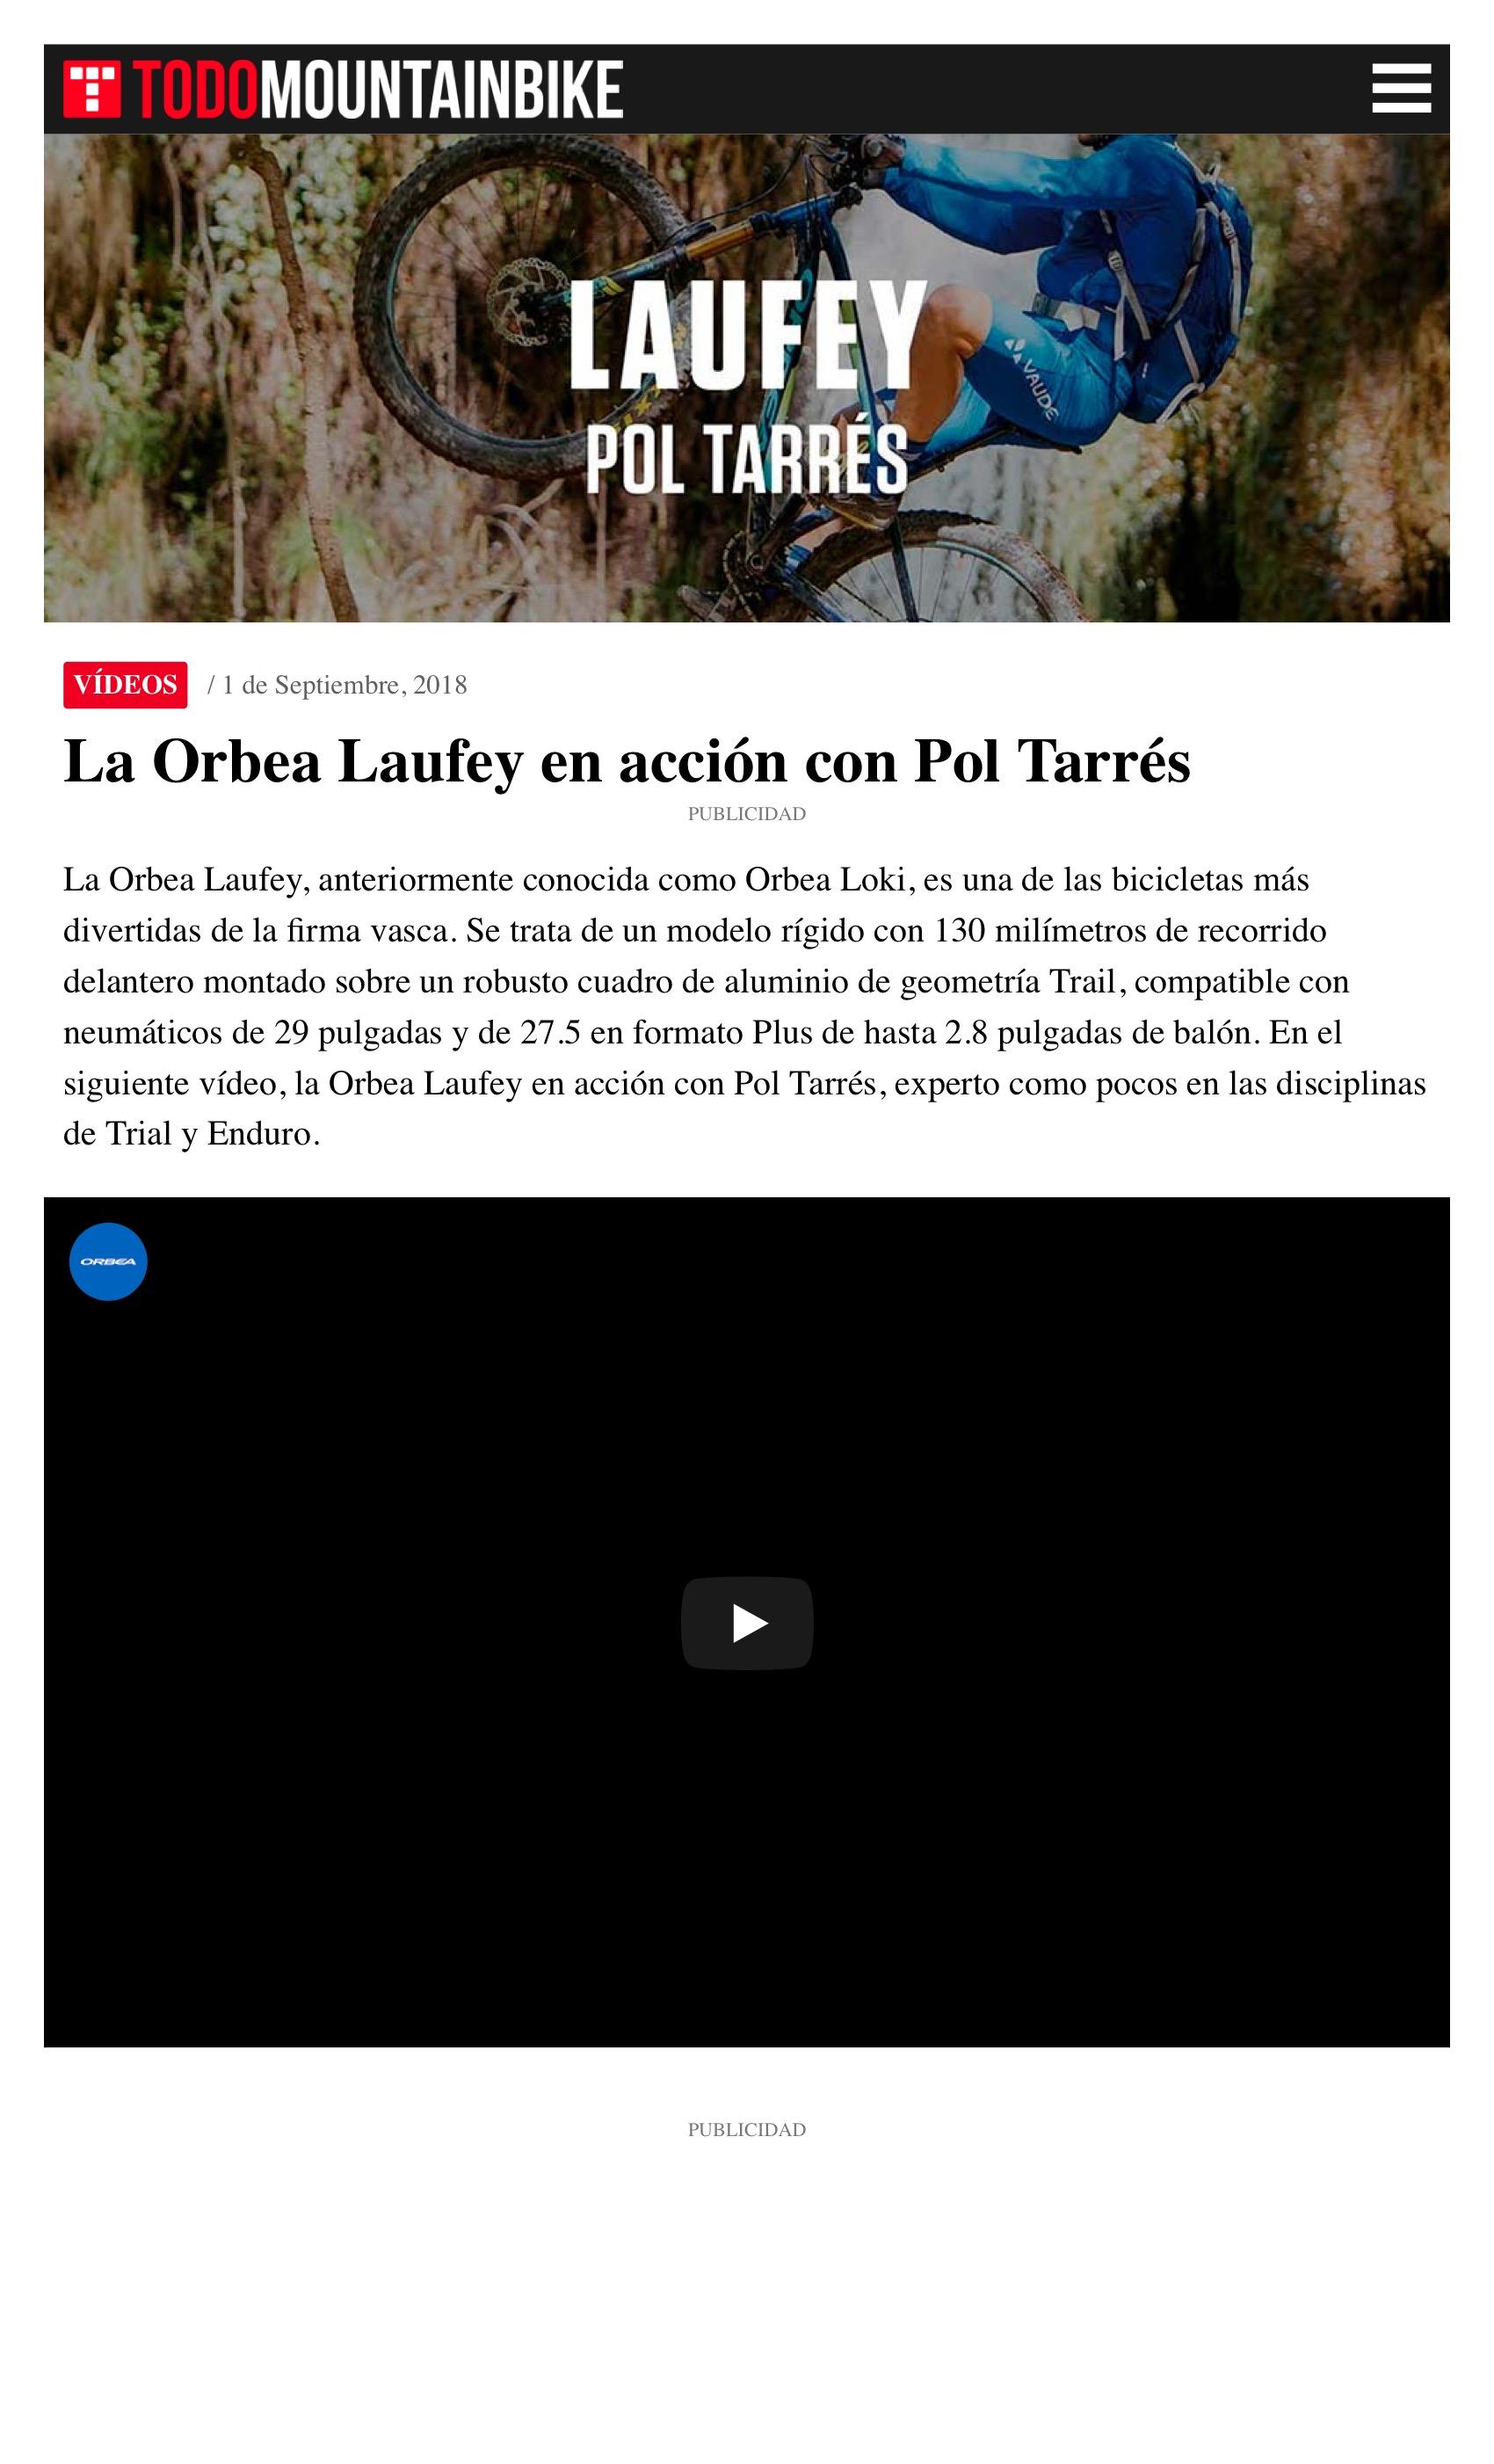 2018-9-10 La Orbea Laufey en acción con Pol Tarrés 4.jpeg